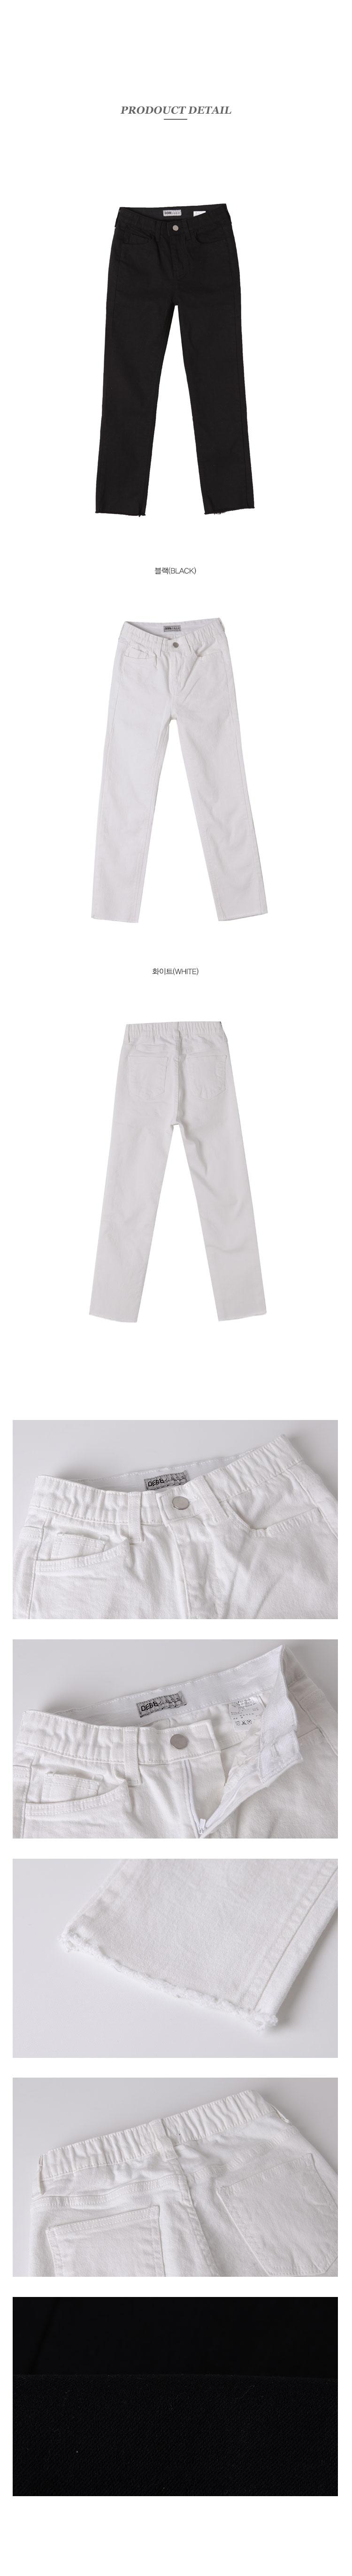 뎁(DEBB) [DBAMD6002M] 허리 밴딩 스키니 팬츠 (2color)